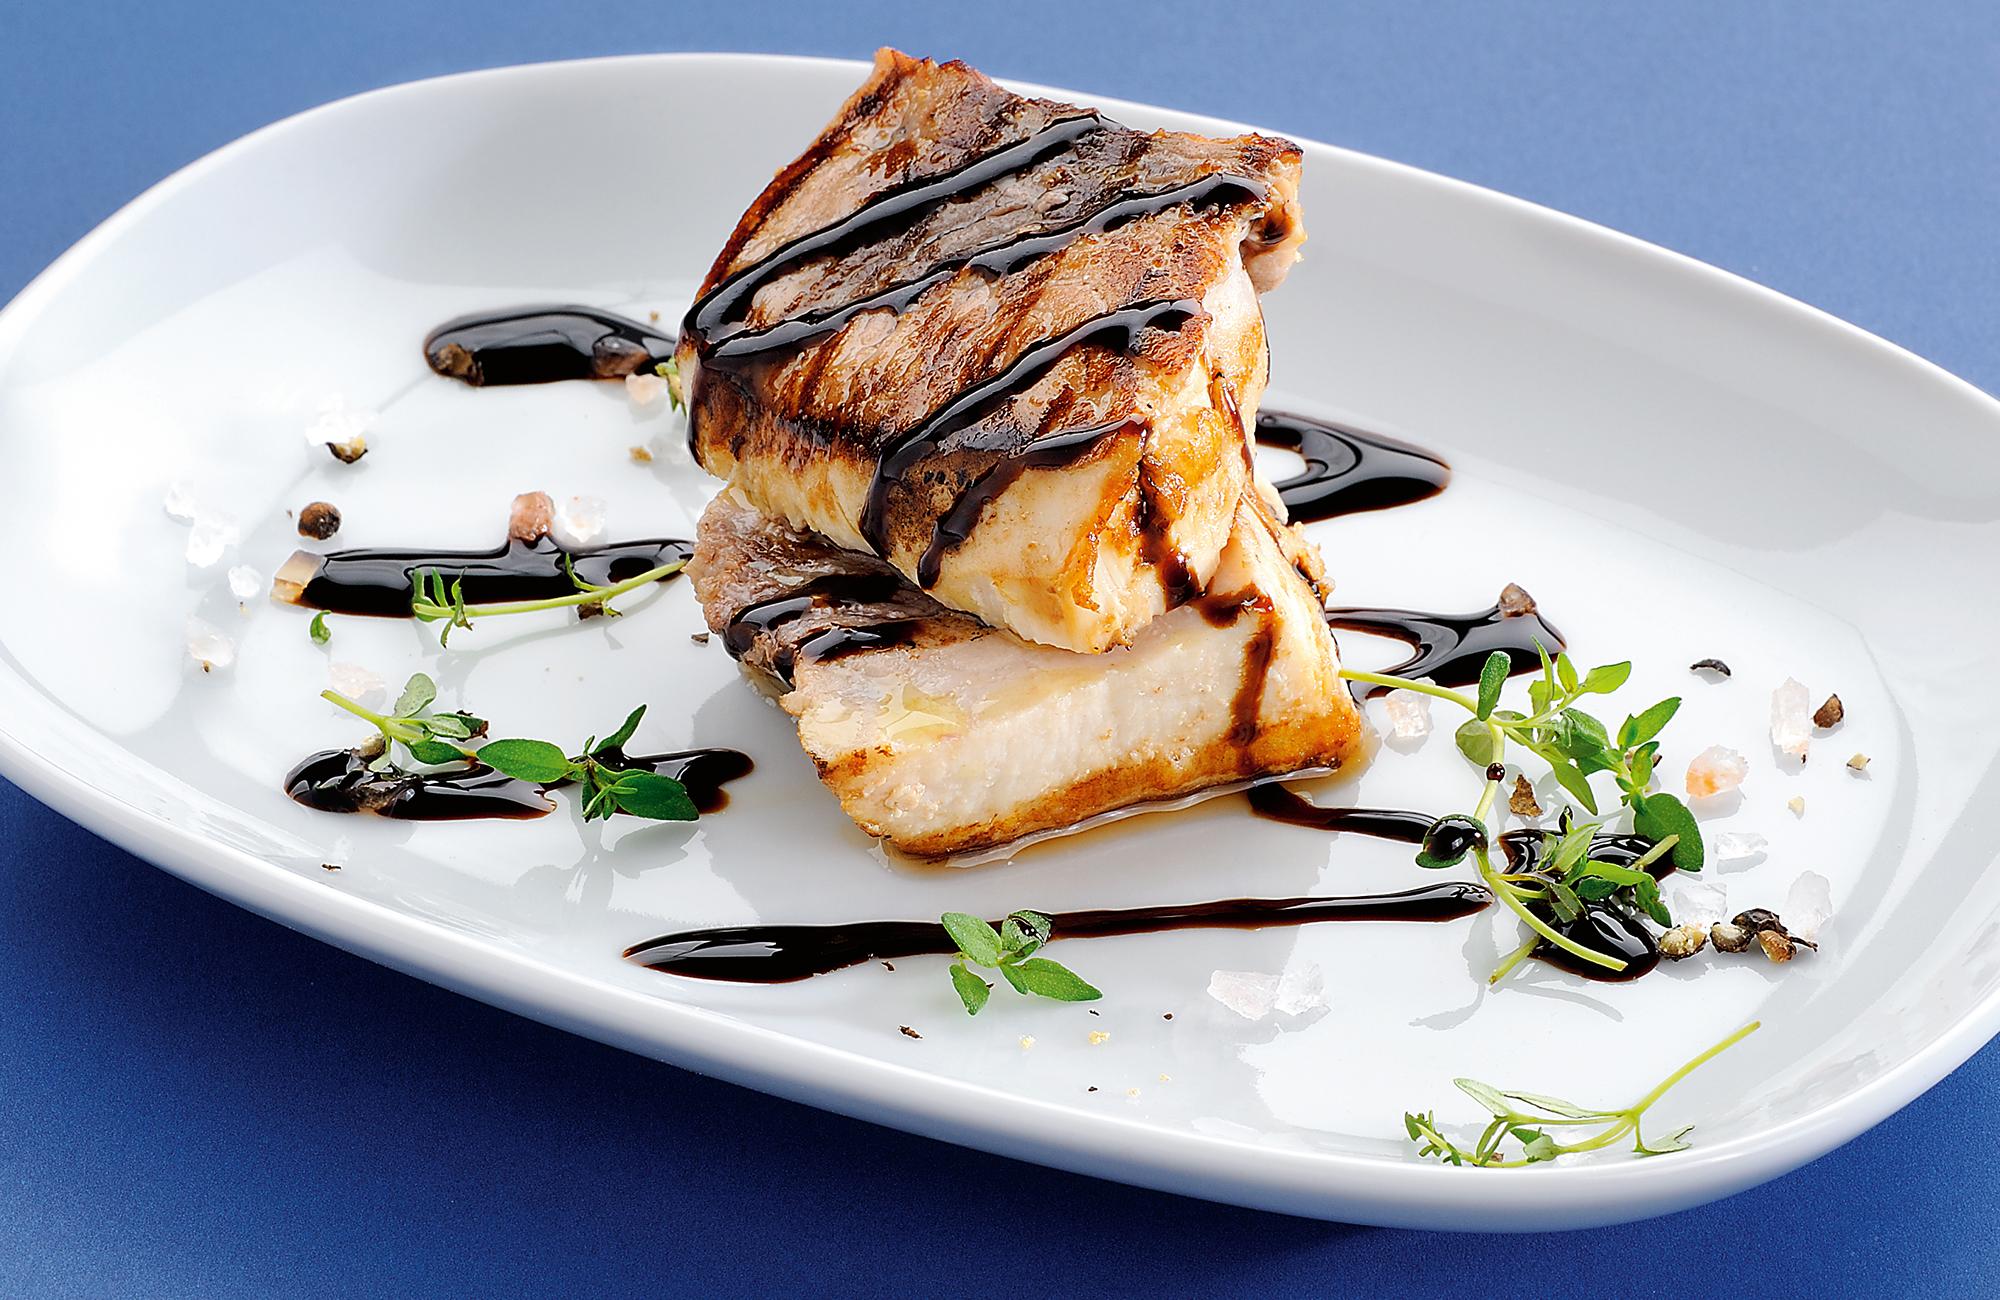 Pesce spada grigliato con timo fresco e Glassa Gastronomica Ponti all'Aceto Balsamico di Modena IGP